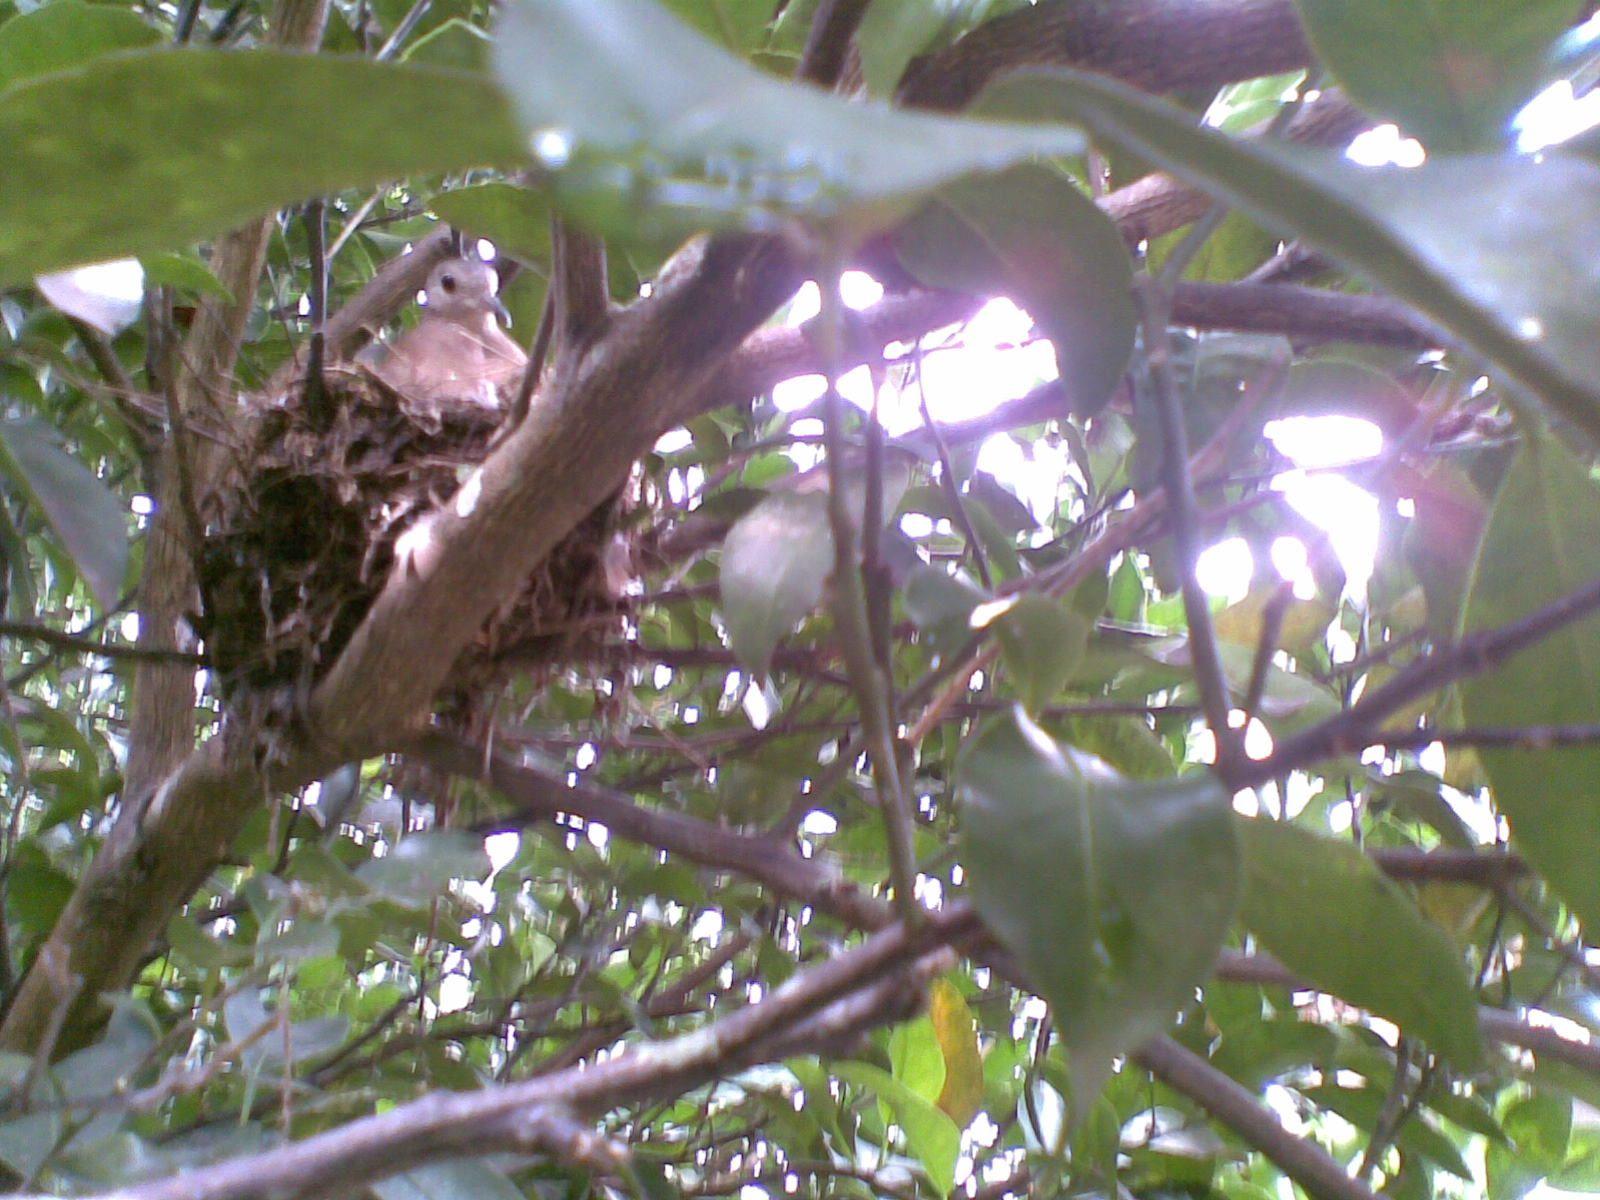 Pássaro em seu ninho com filhotes, no pé de tangerina.